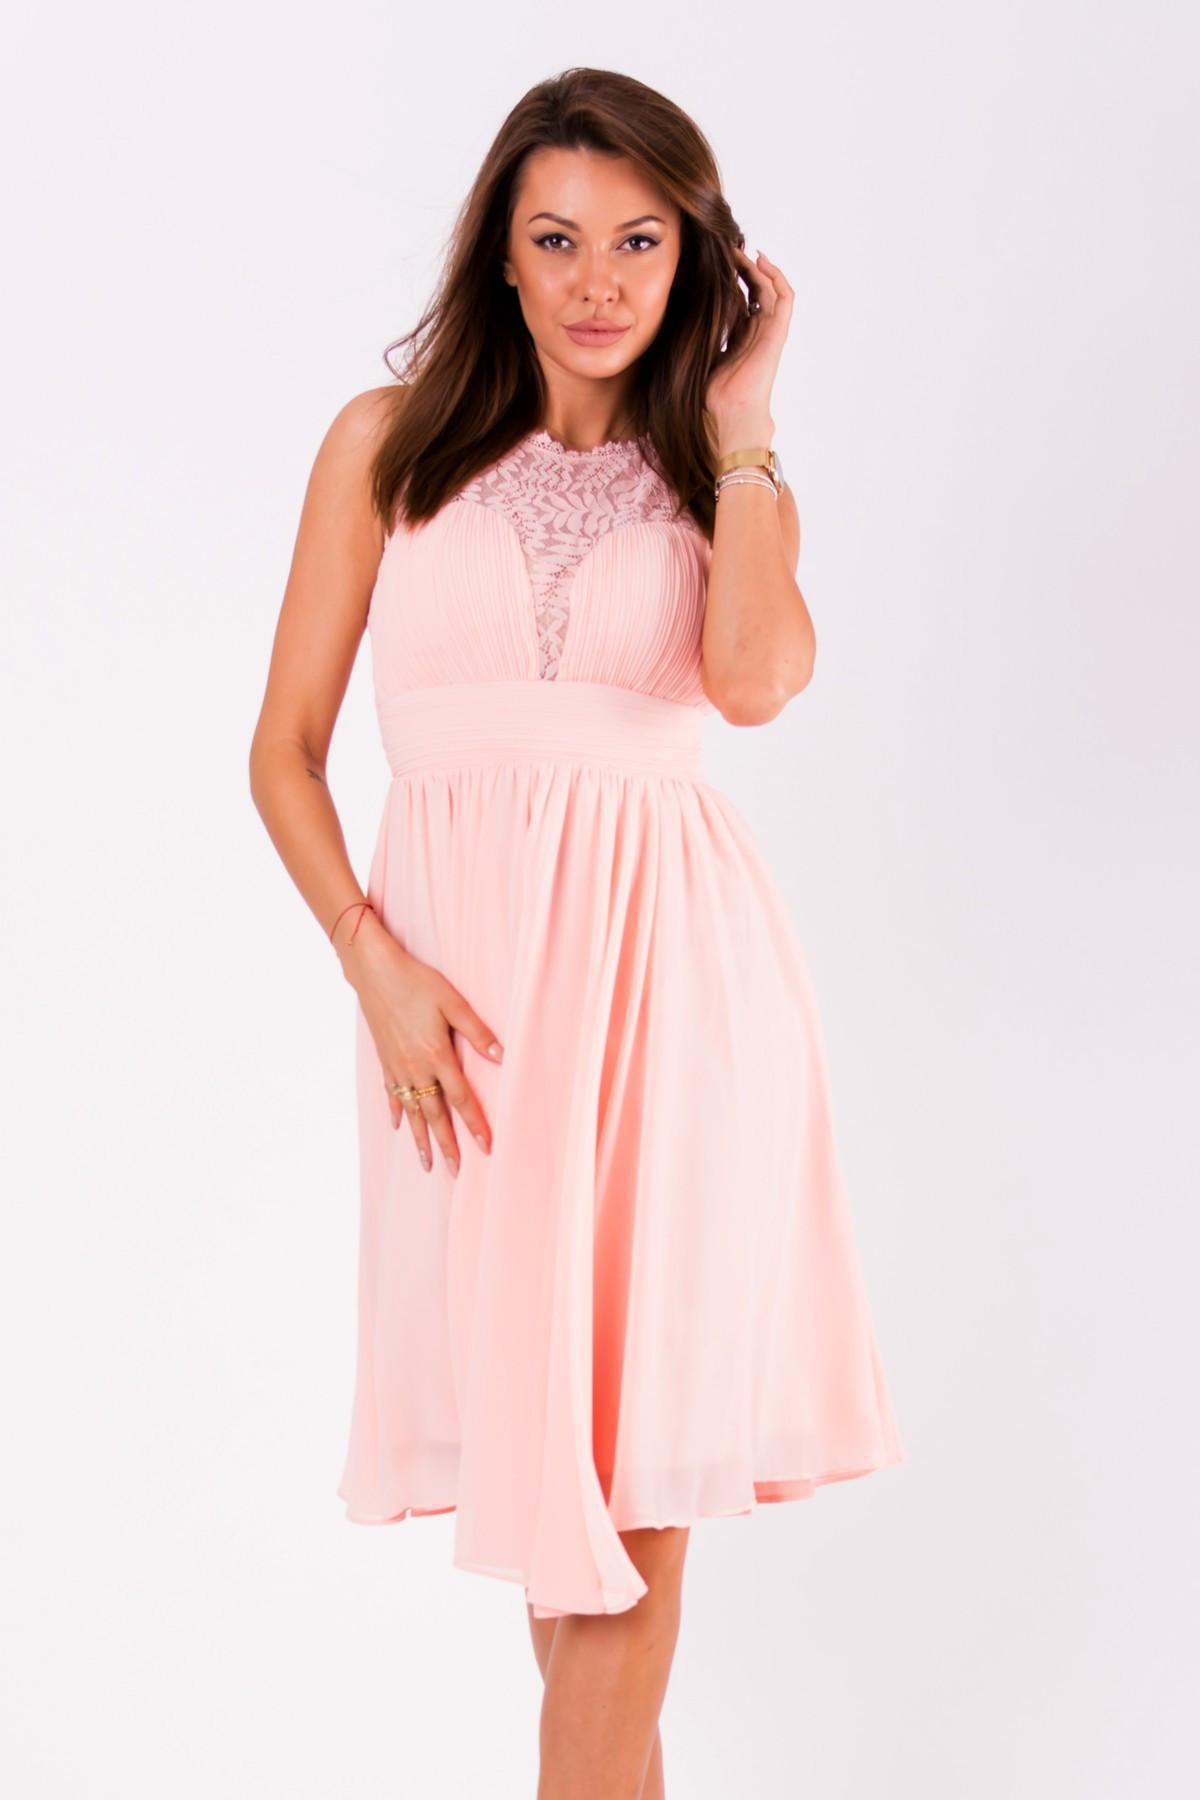 Dámské společenské šaty EVA&LOLA středně dlouhé - Růžové S